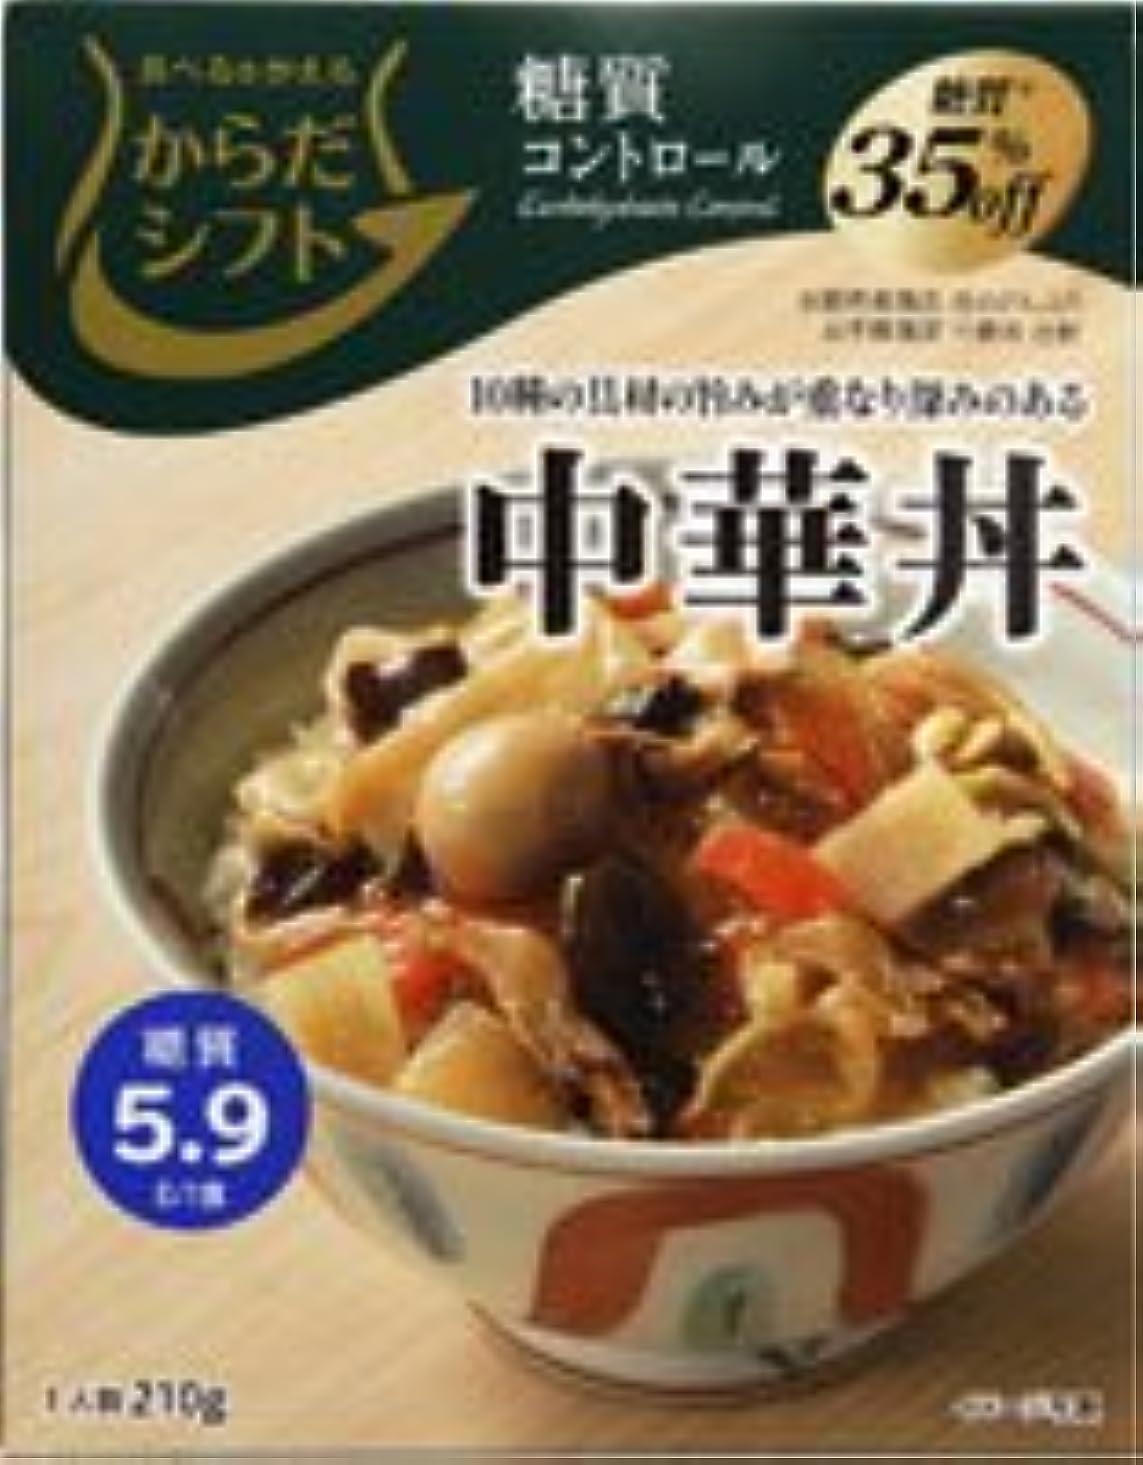 自治的知事残りからだシフト 糖質コントロール 中華丼210g【5個セット】